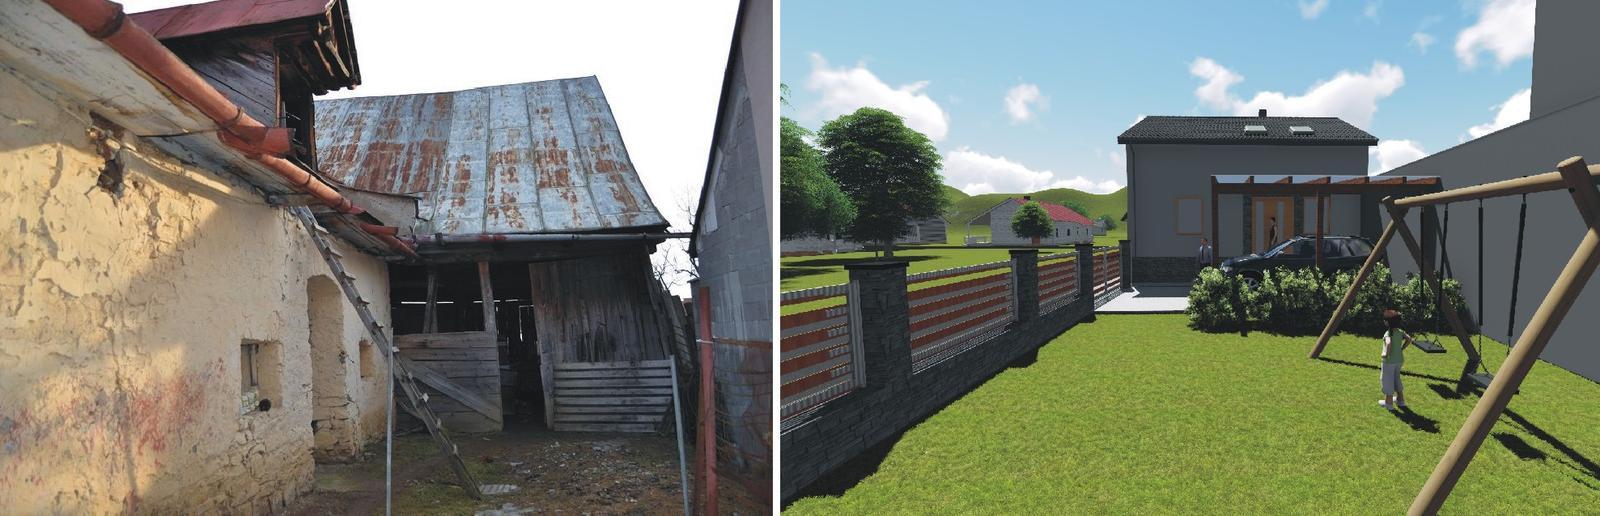 Náš Domček - prestavba starých hospodarskych budov na doma z tejto strany asi najväcsia zmena